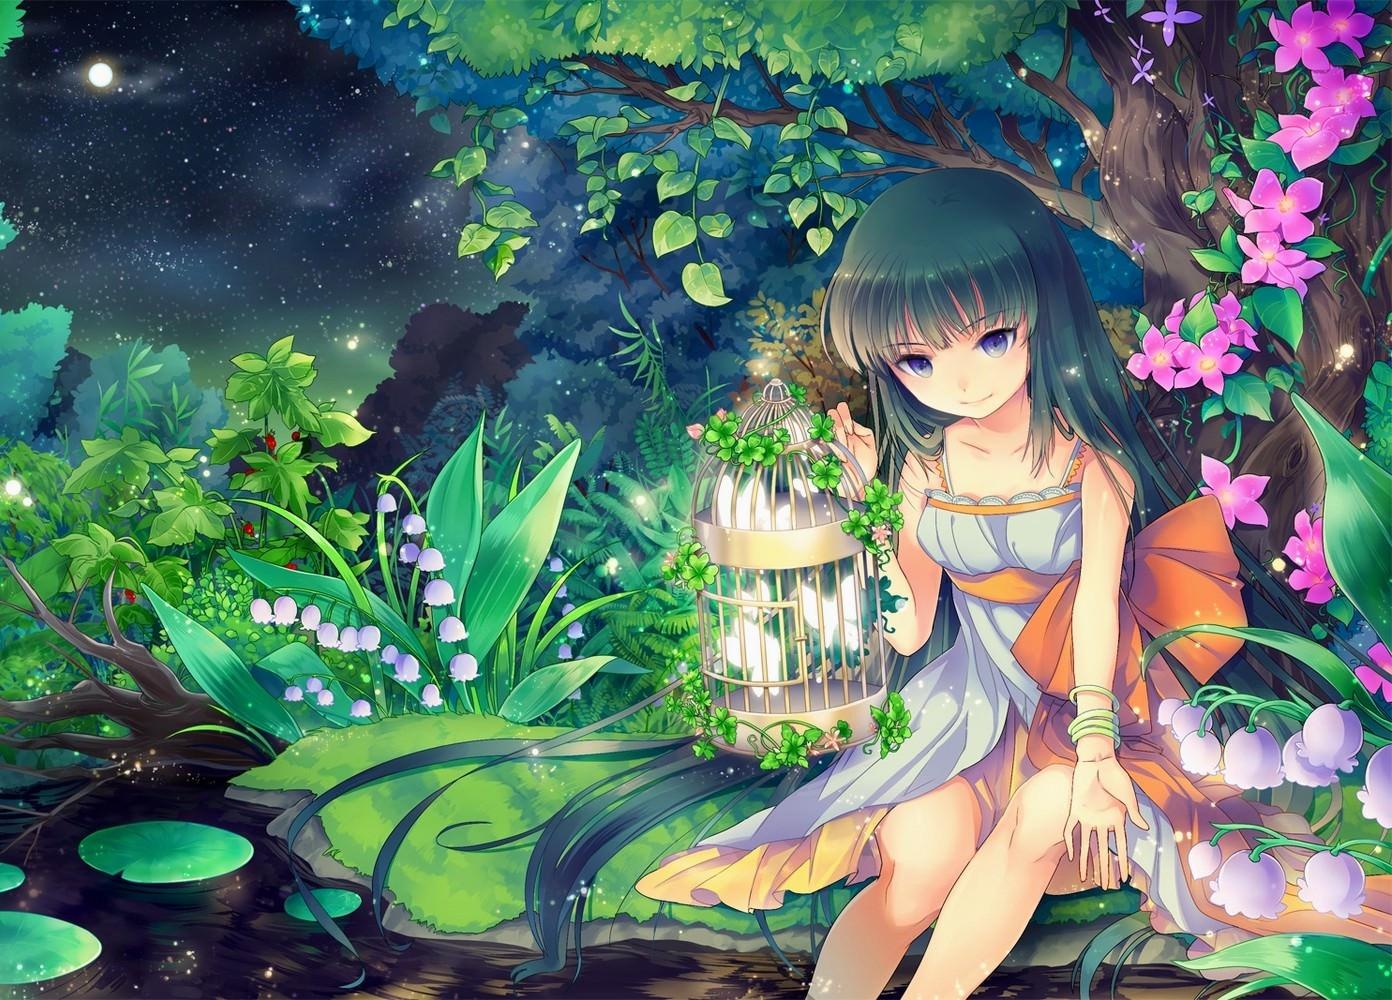 Фото Девушка в волшебном лесу, светящиеся бабочки в клетке, цветы, ночь, скачать картинку бесплатно